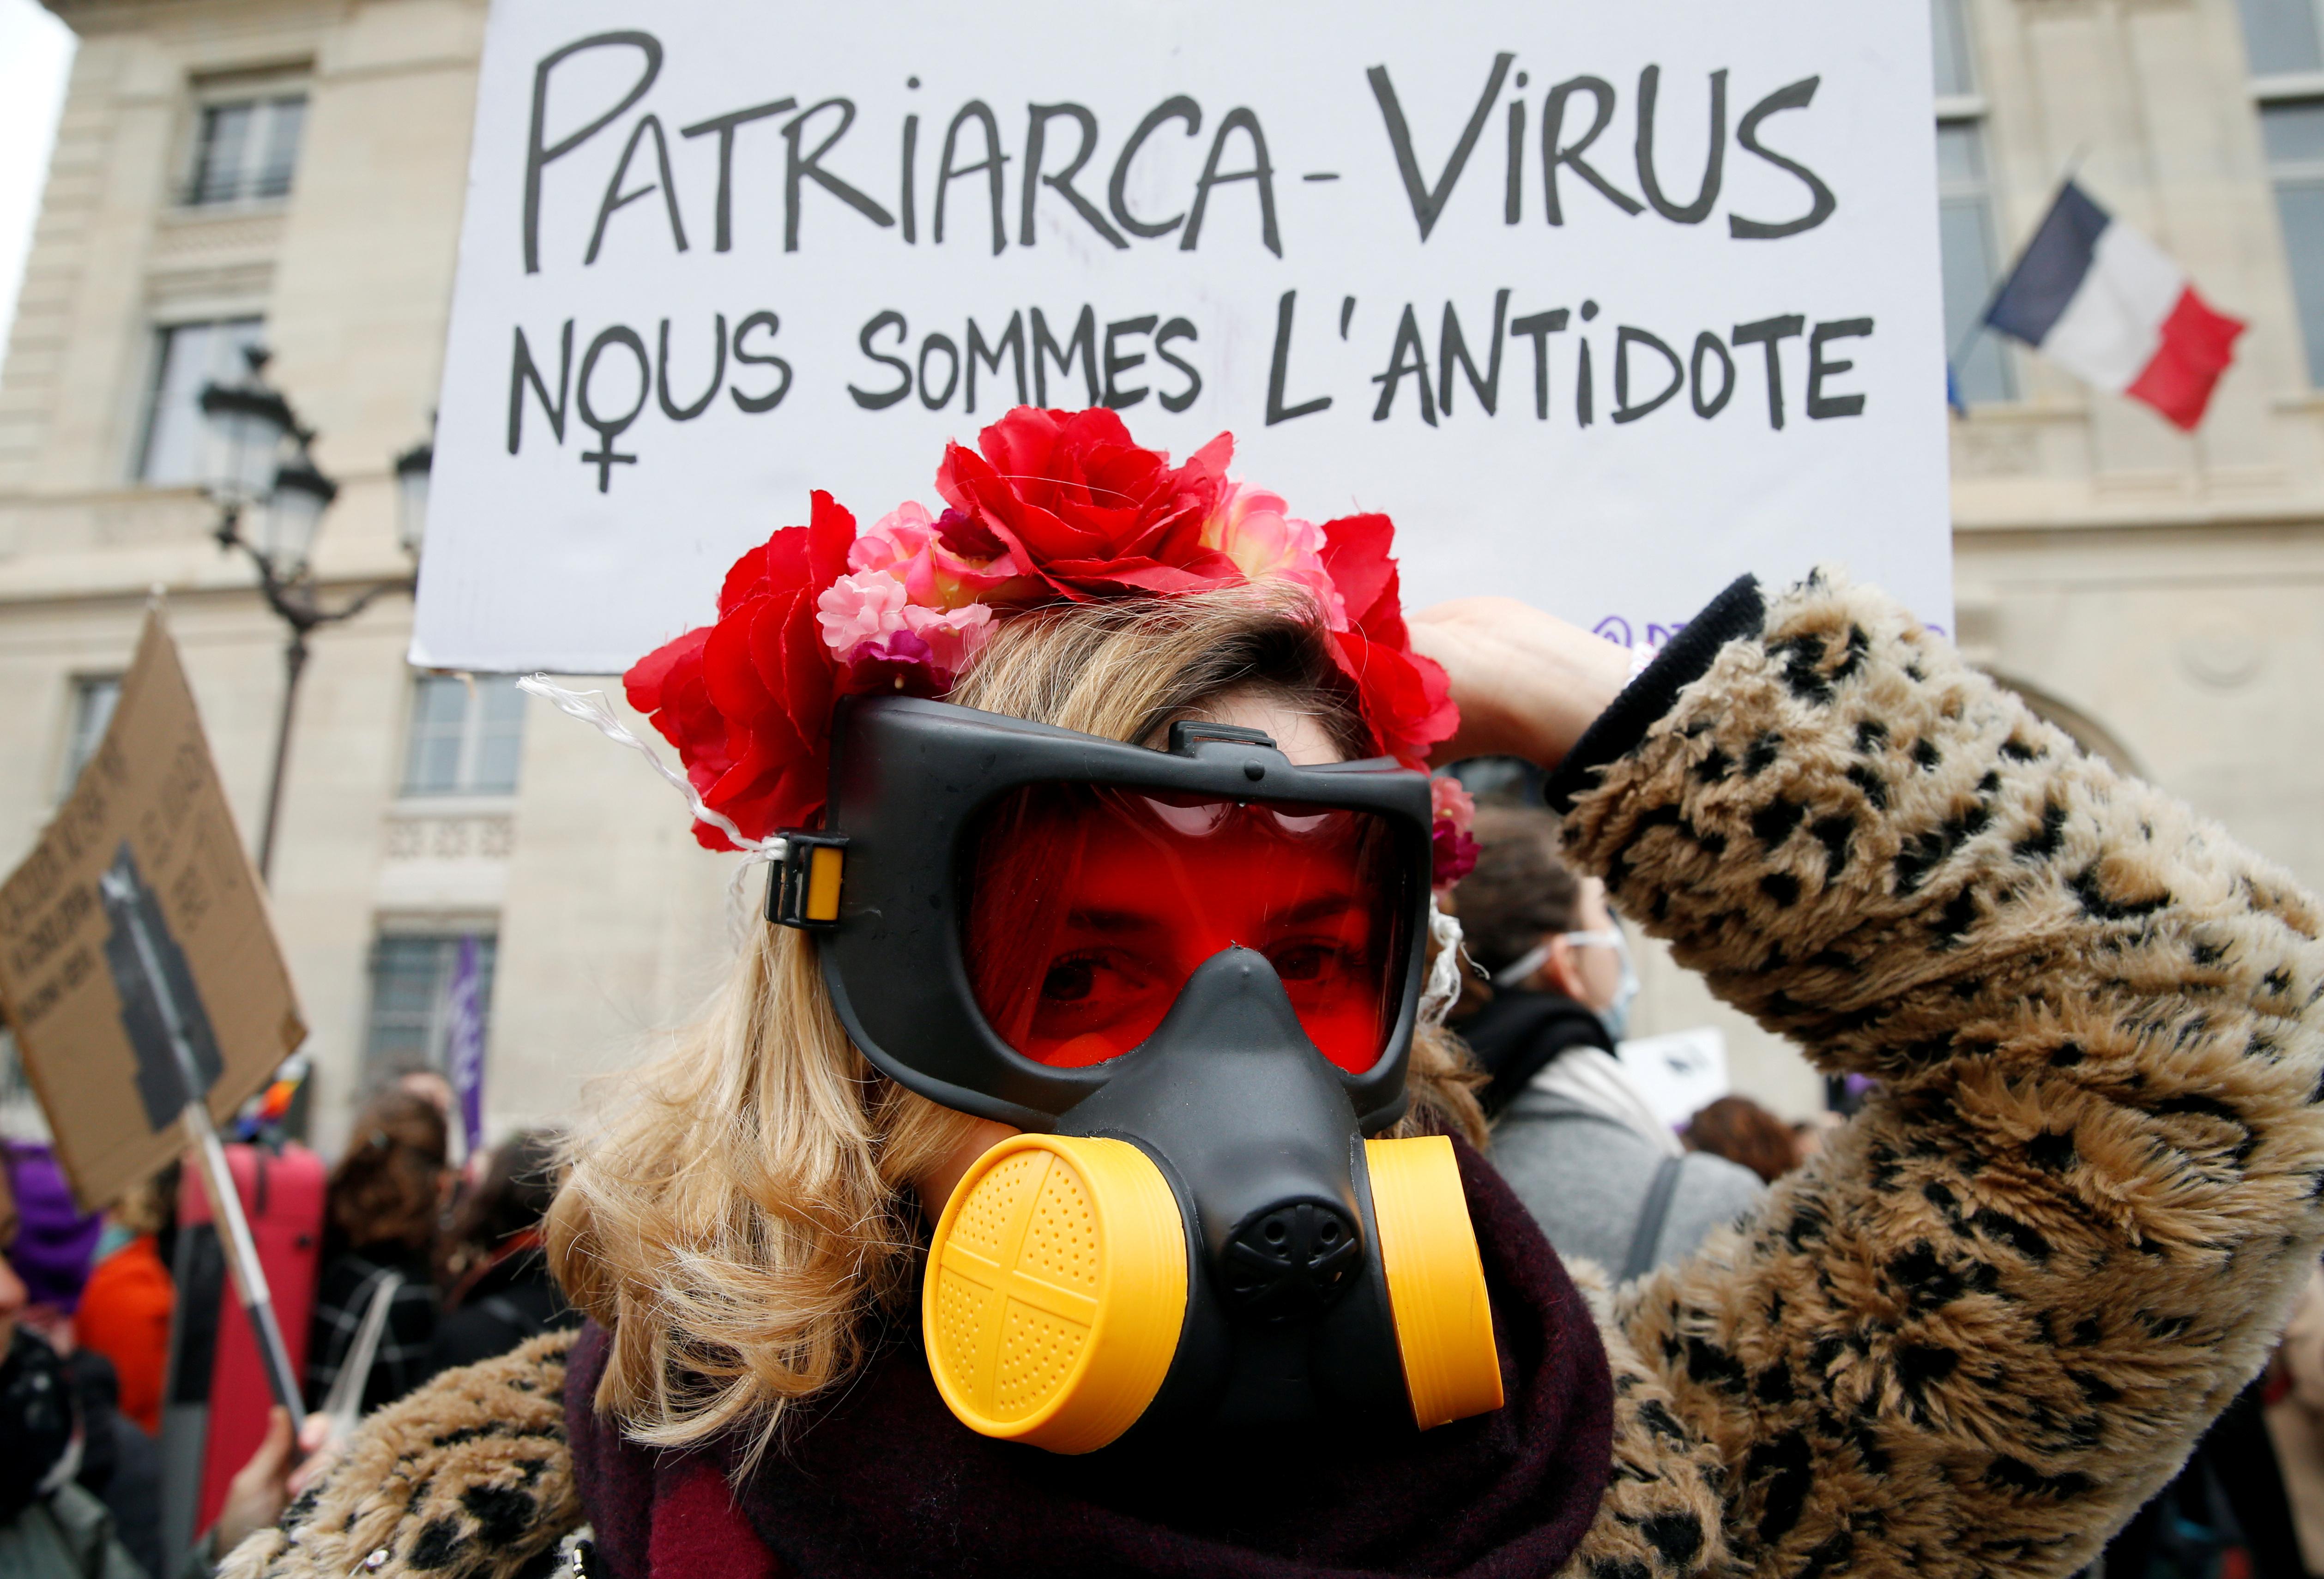 Una mujer con una máscara de gas asiste a una protesta exigiendo la igualdad en el Día Internacional de la Mujer en París, Francia, el 8 de marzo de 2020. La pancarta dice